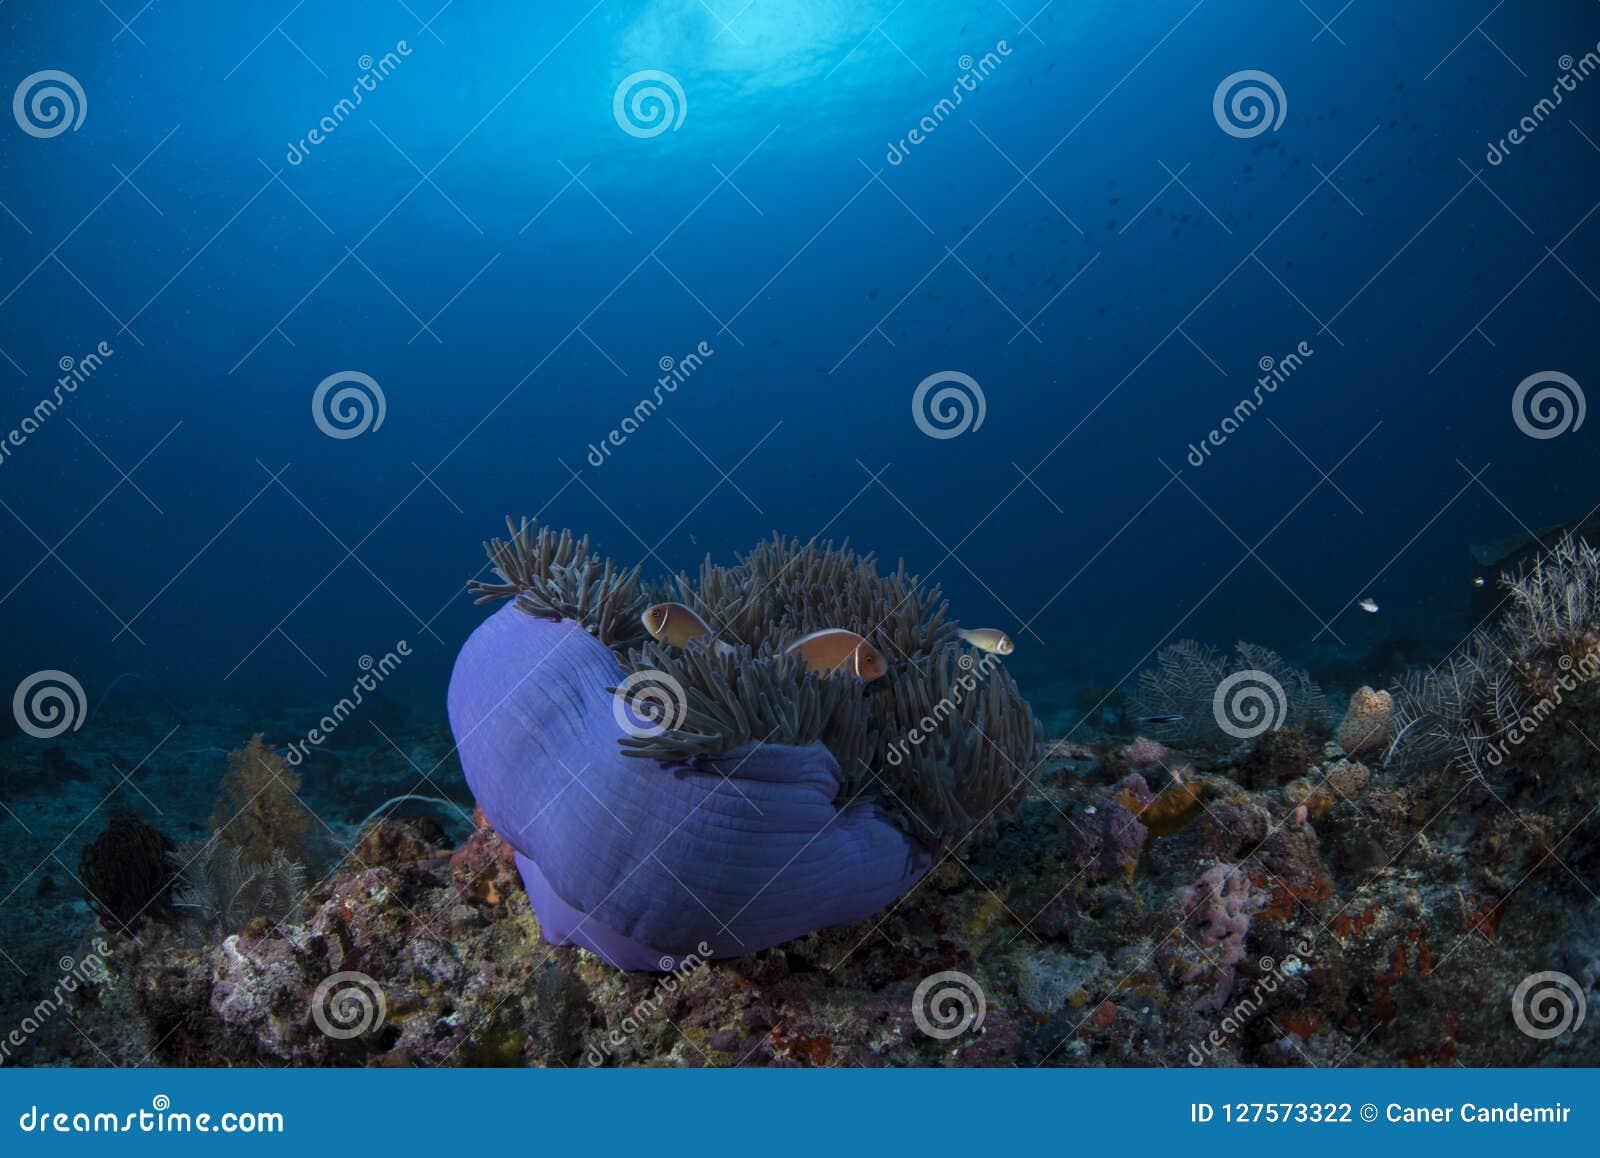 桃红色臭鼬Clownfish双锯鱼Perideraion有蓝色背景